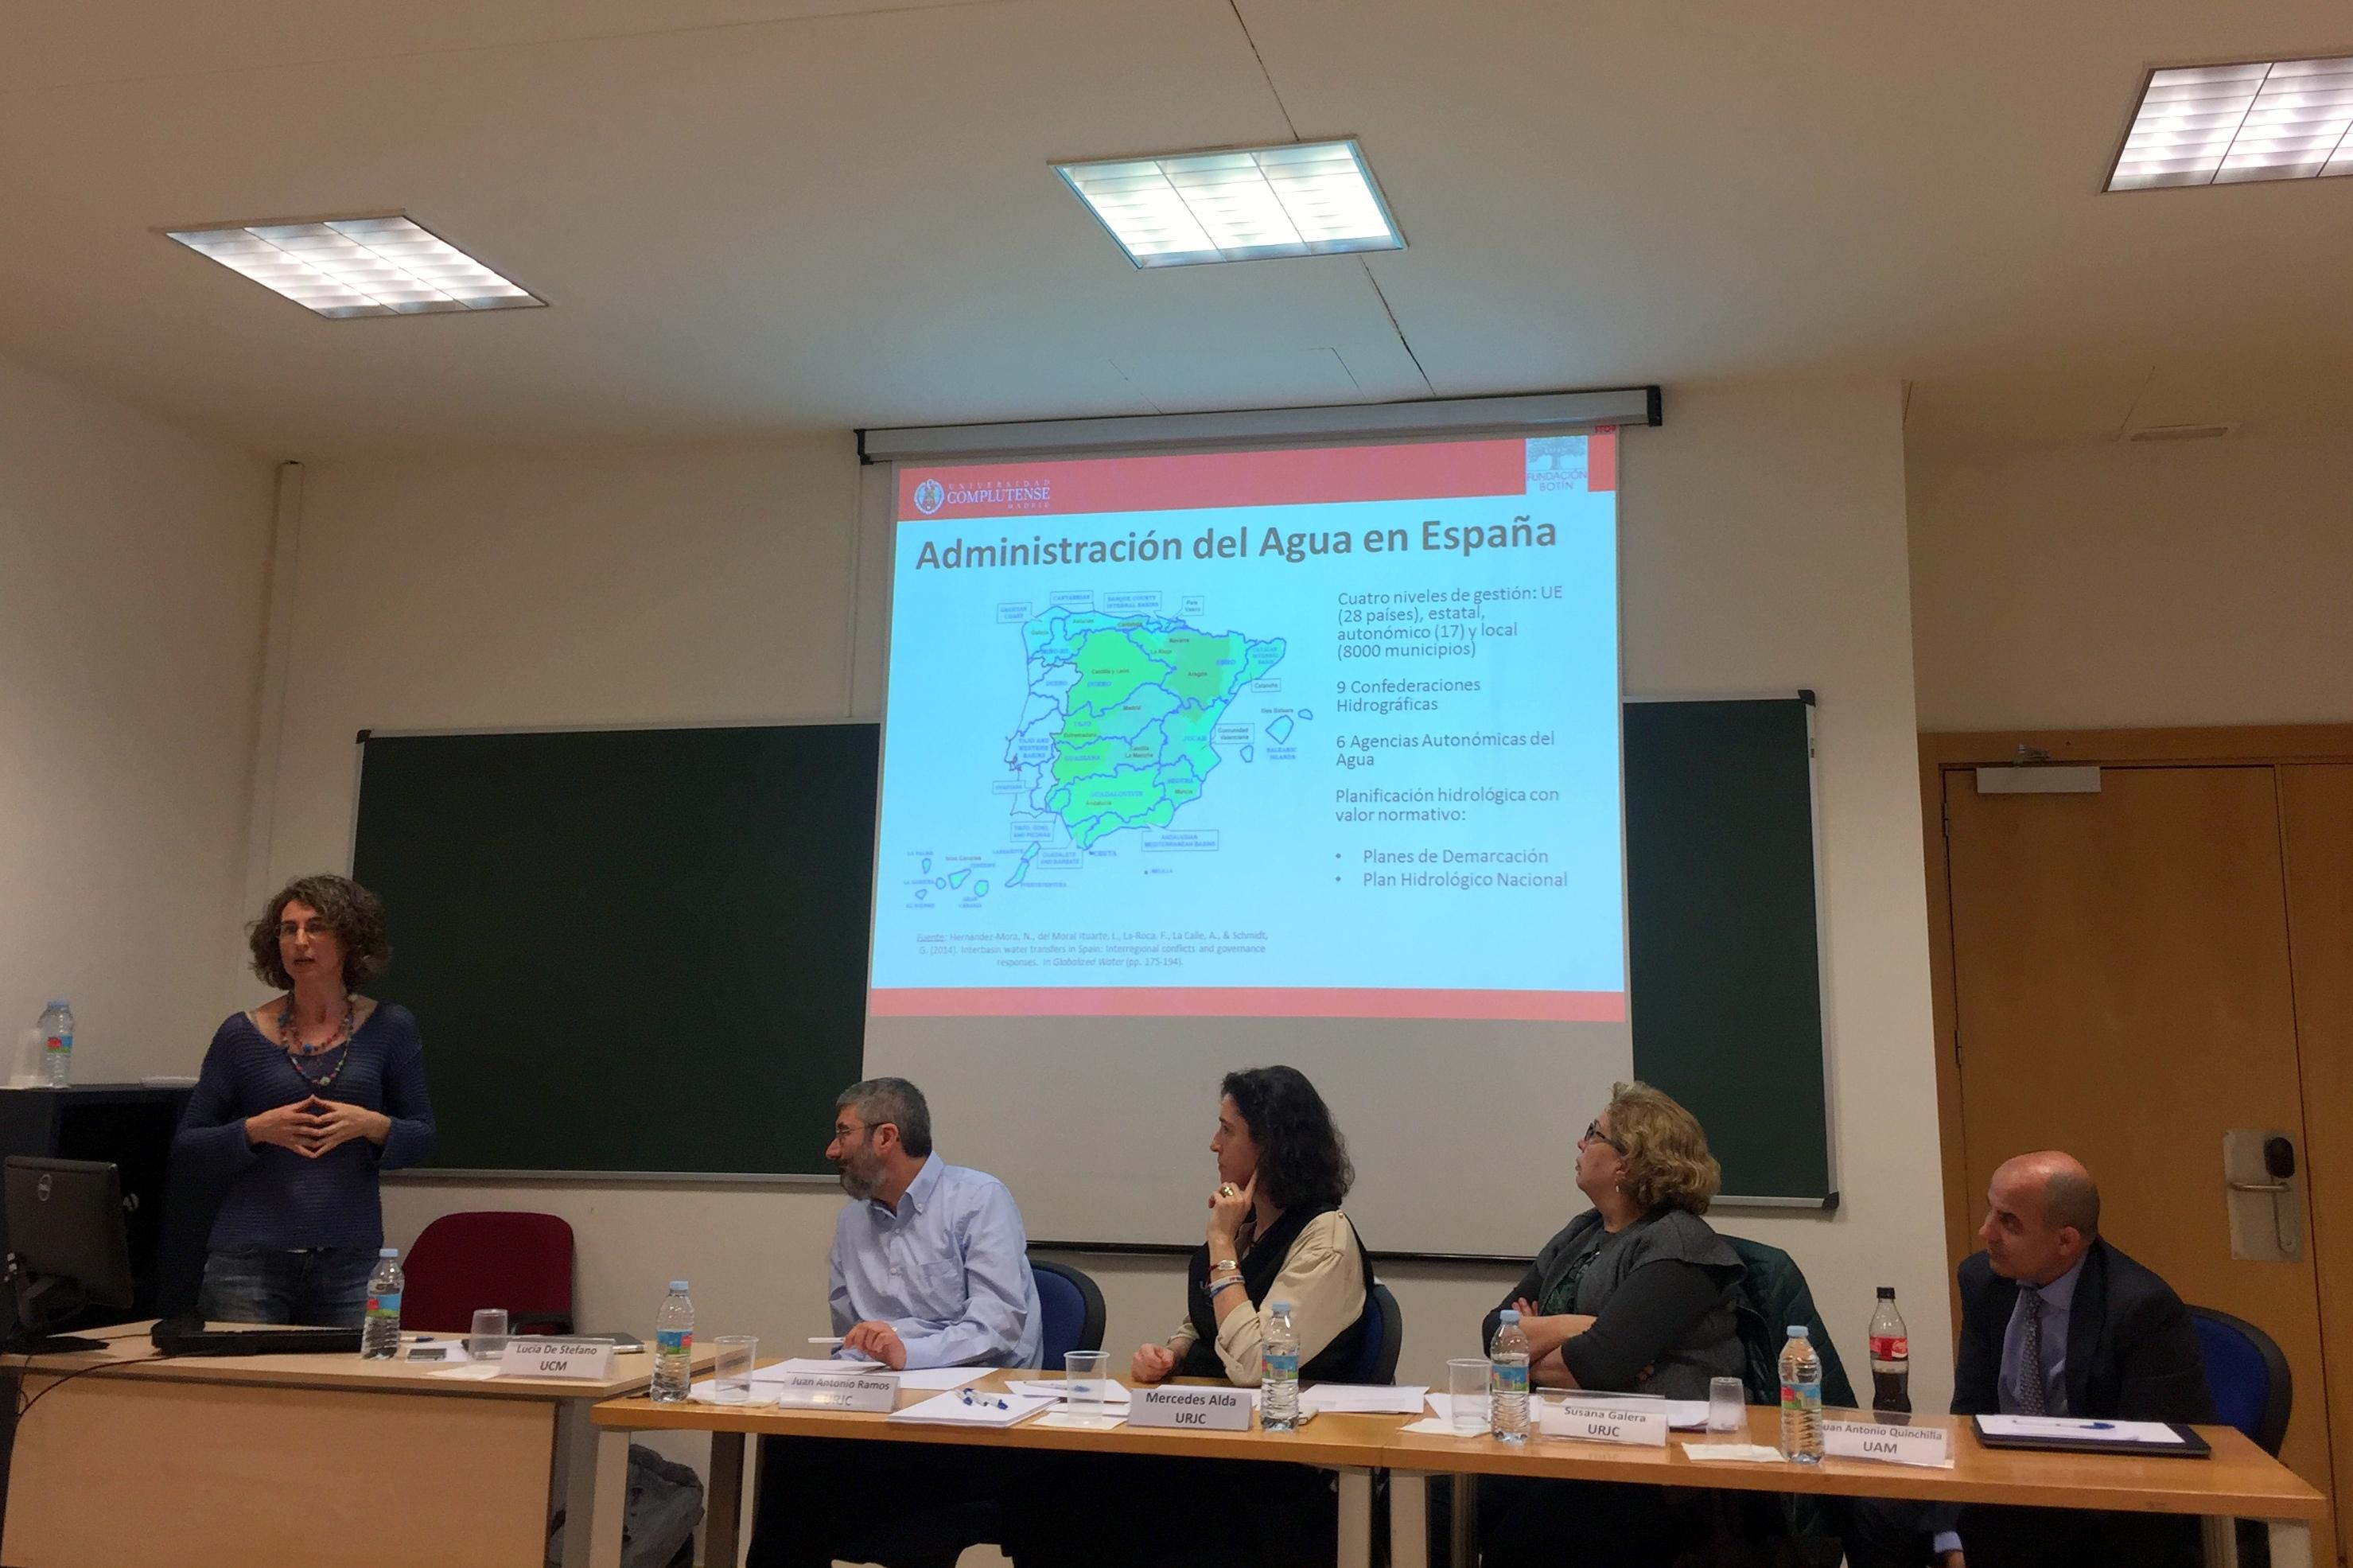 Profesores de la Facultad de Ciencias Jurídicas y Sociales organizan una jornada sobre la gobernanza del agua en España